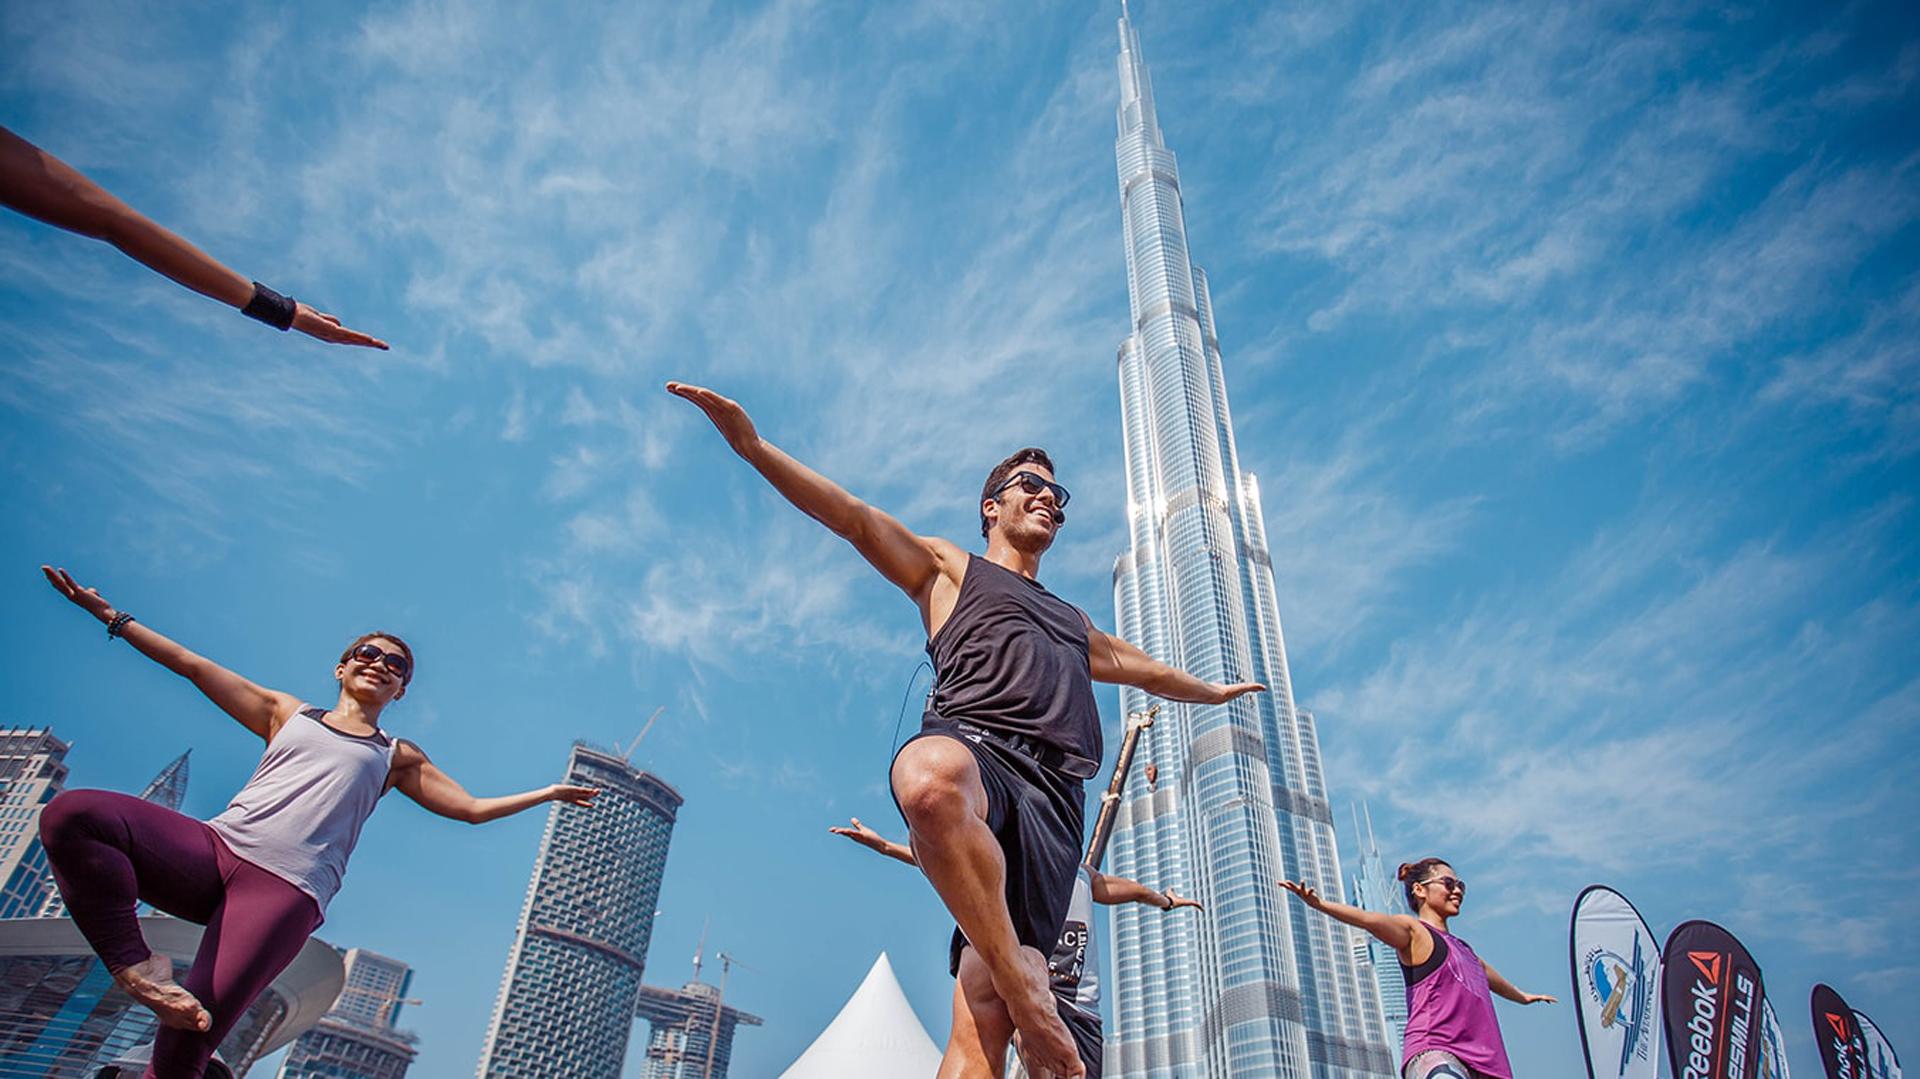 Las actividades se desarrollaron con los imponentes rascacielos de fondo (Dubai Fitness Challenge)